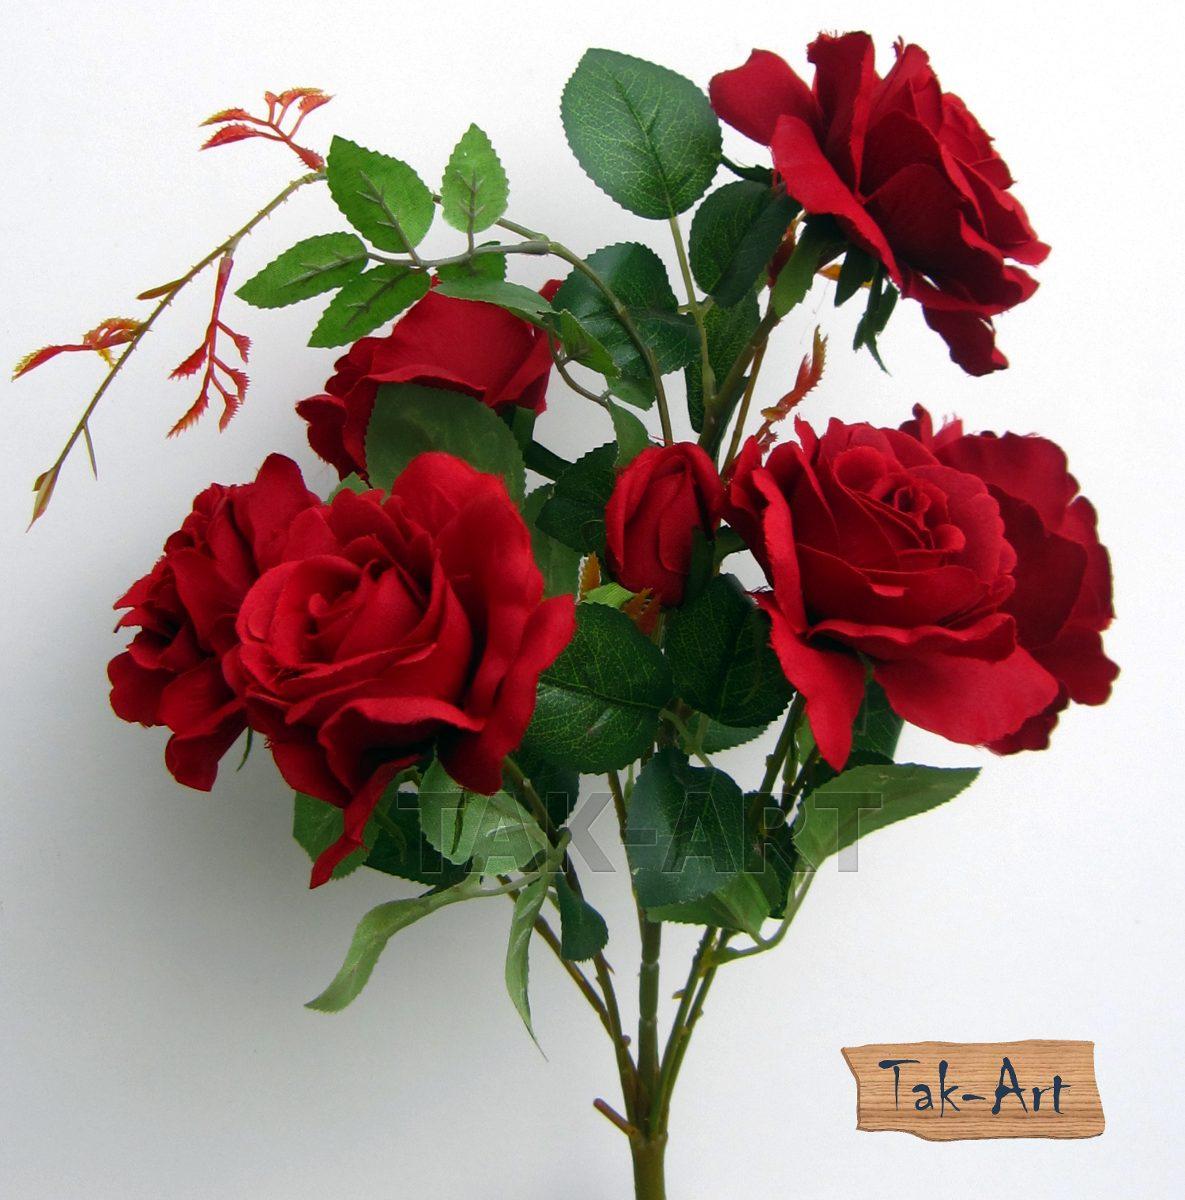 50 Sementes De Rosa Flor Vermelha Linda Exóticas +manual ...  |Rosa Flor Vermelha